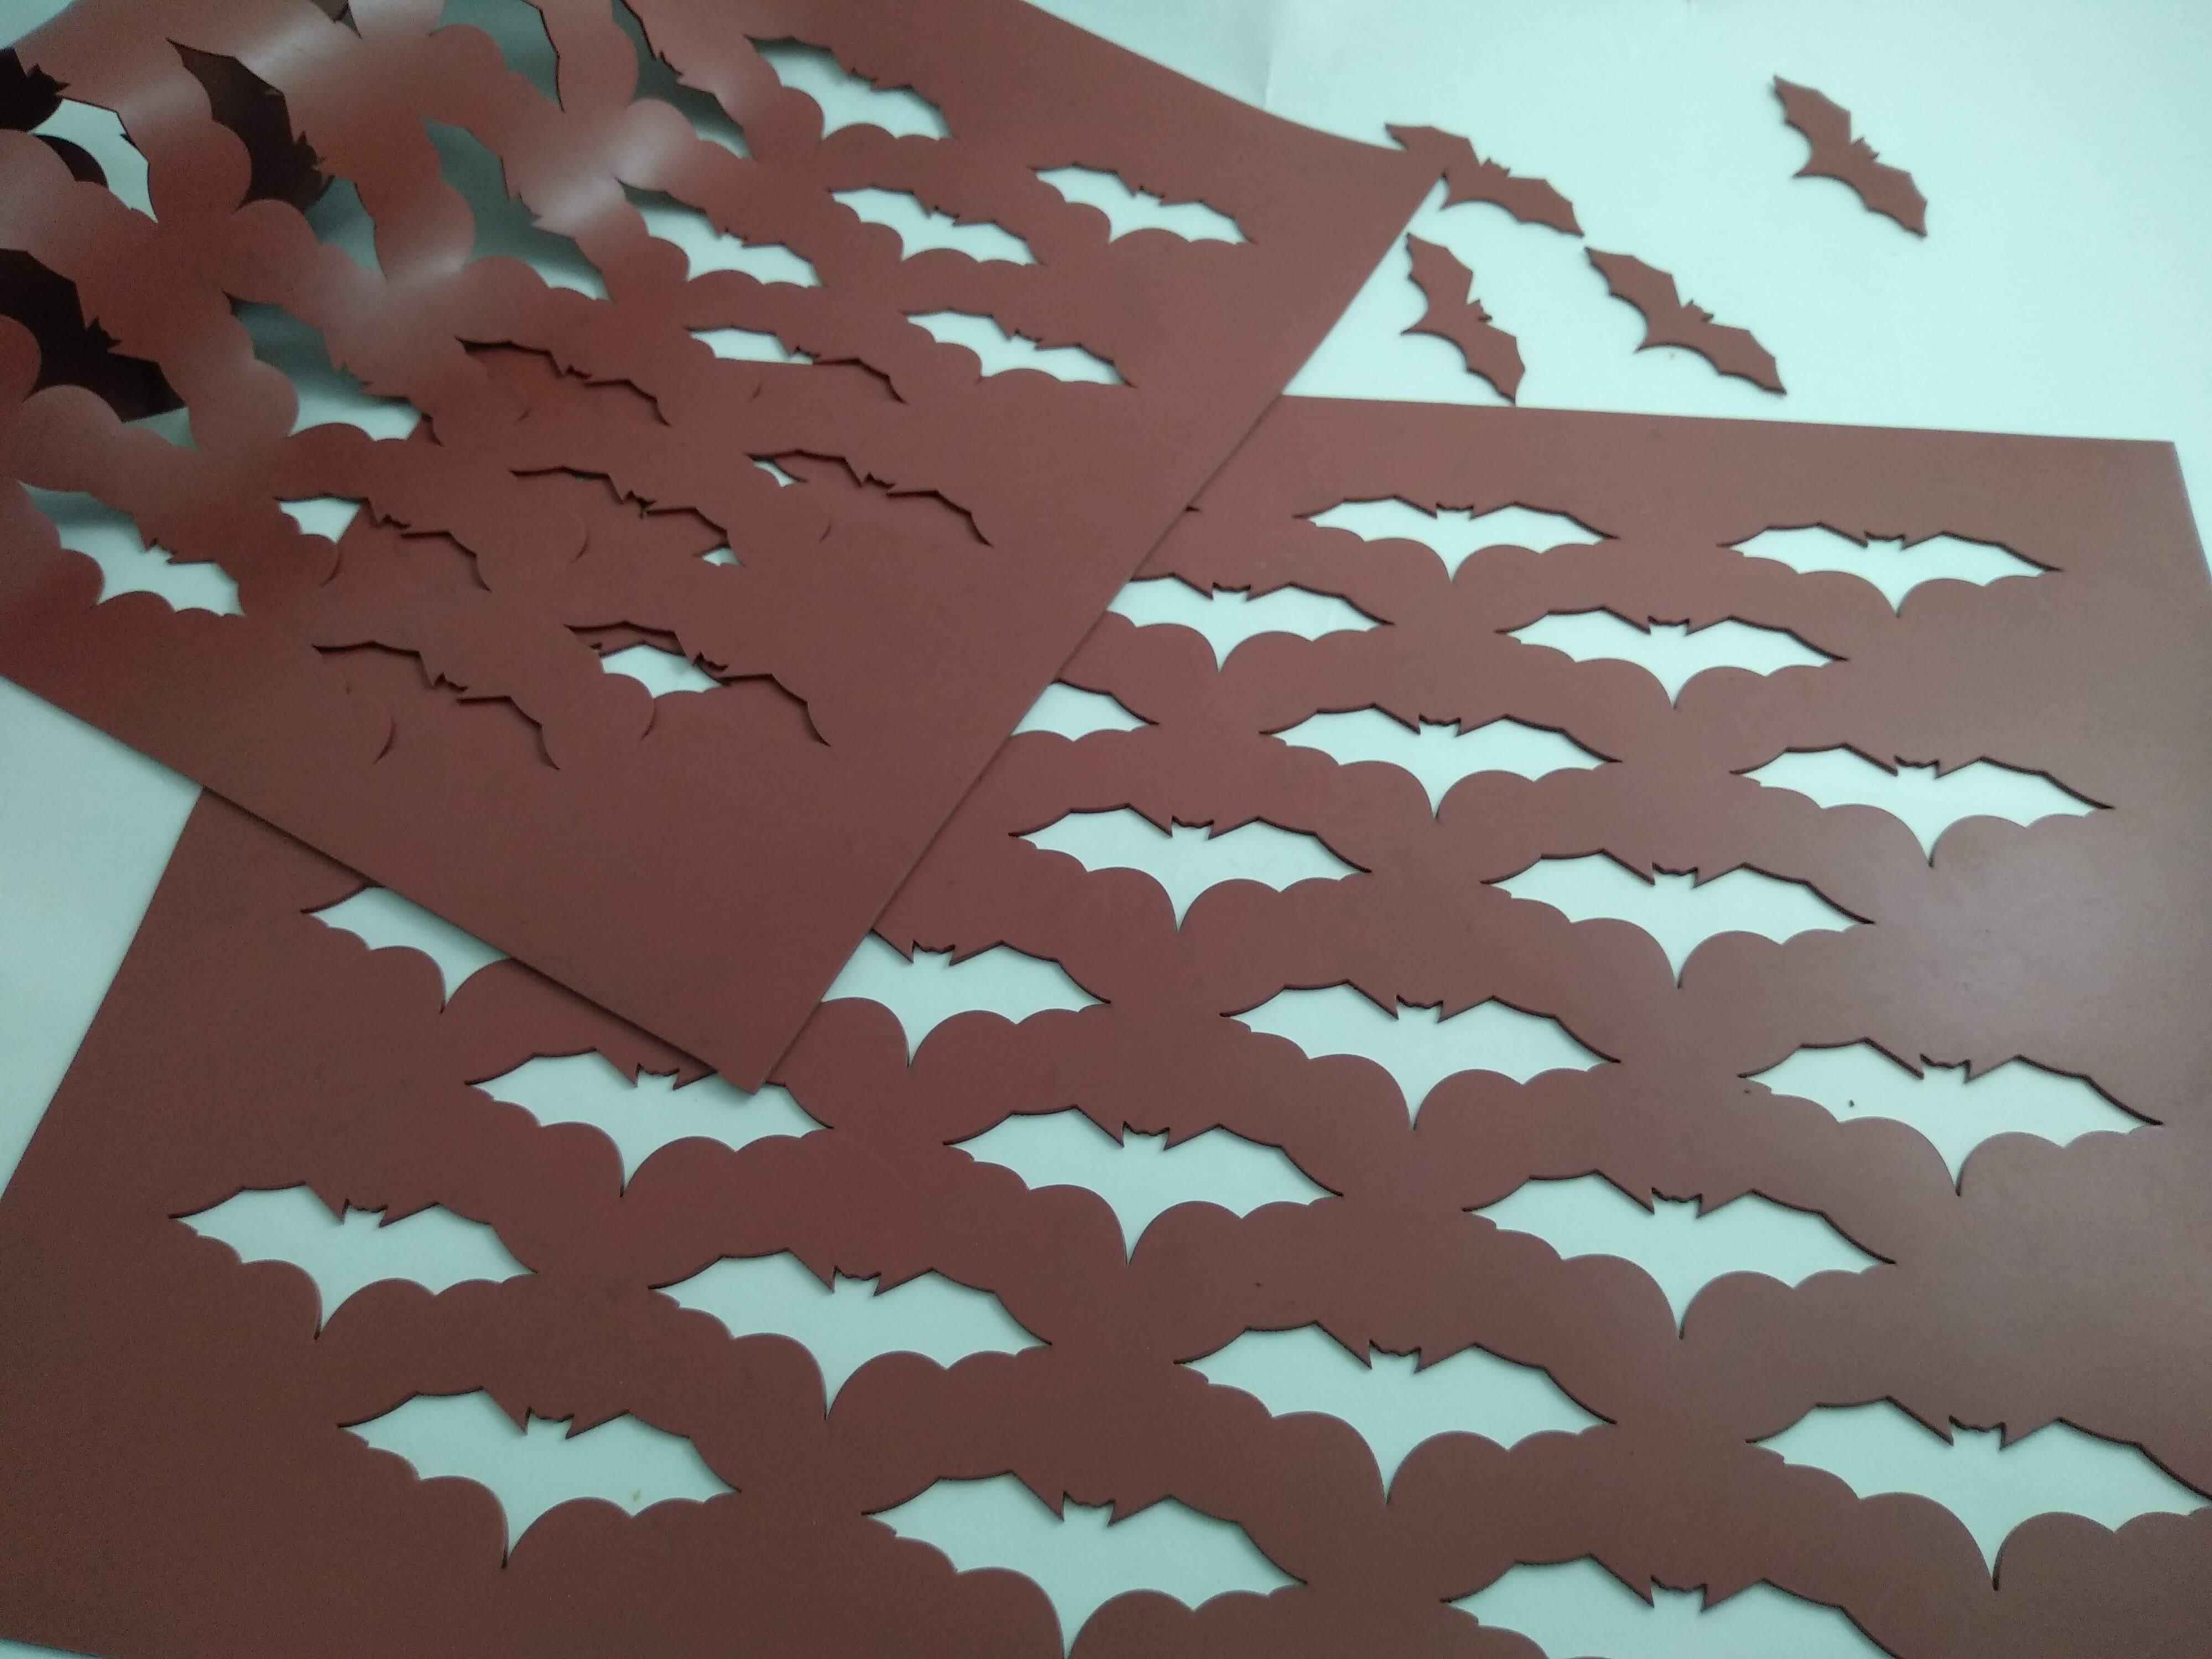 Chablón murciélago